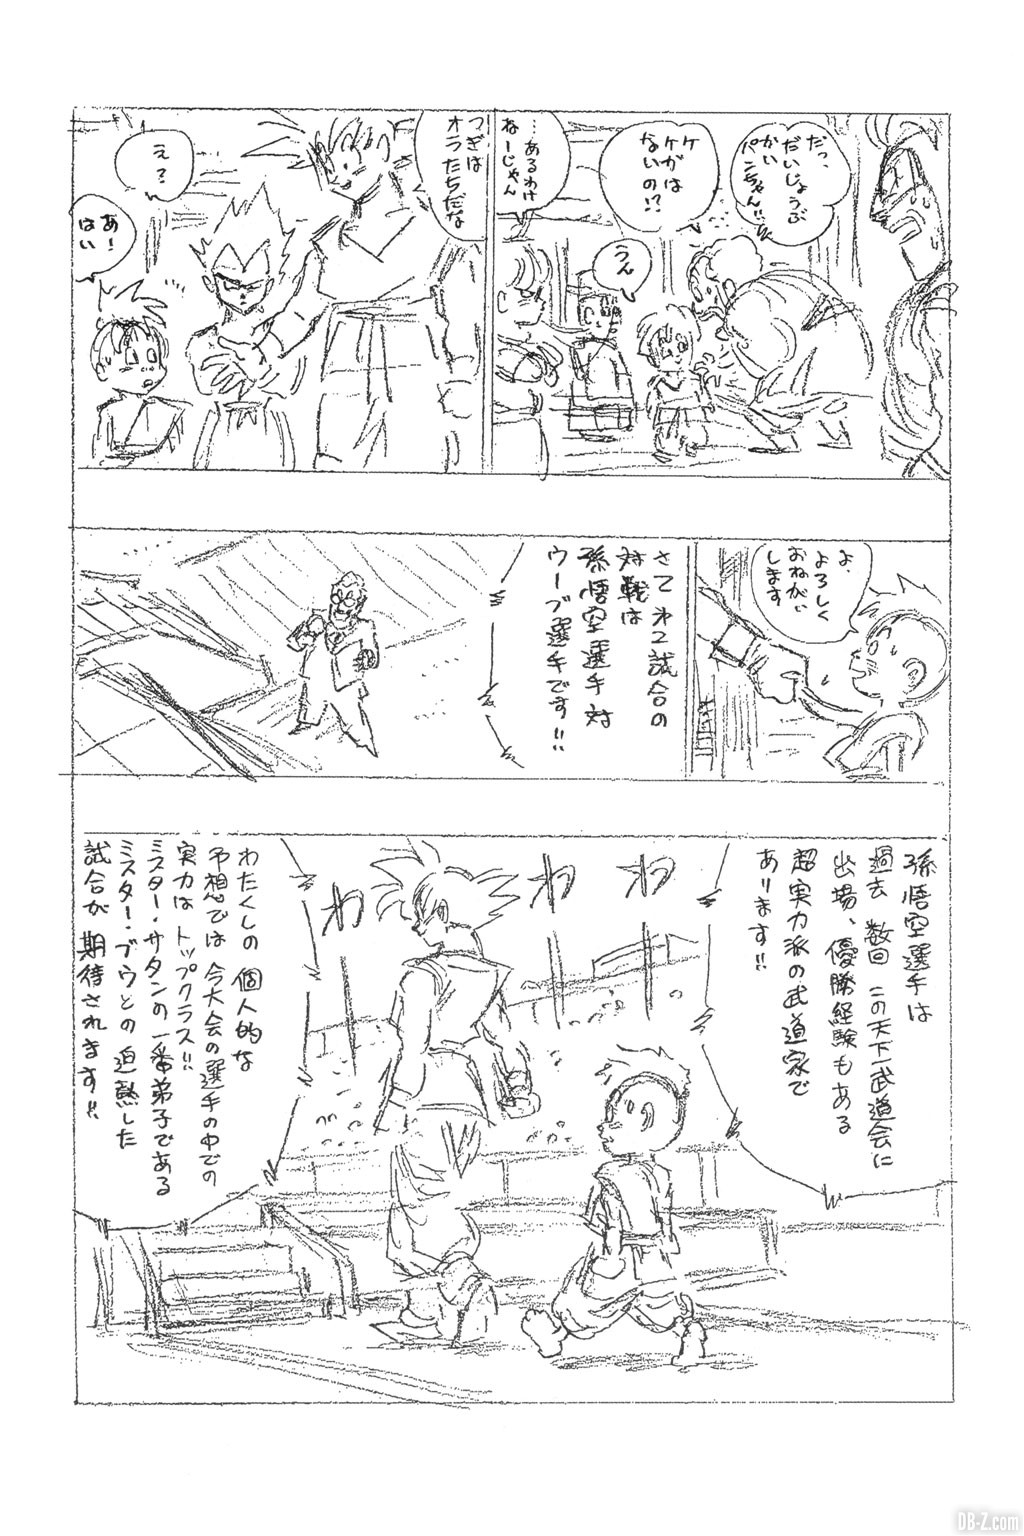 Brouillon Akira Toriyama Dernier Chapitre de Dragon Ball Page 8